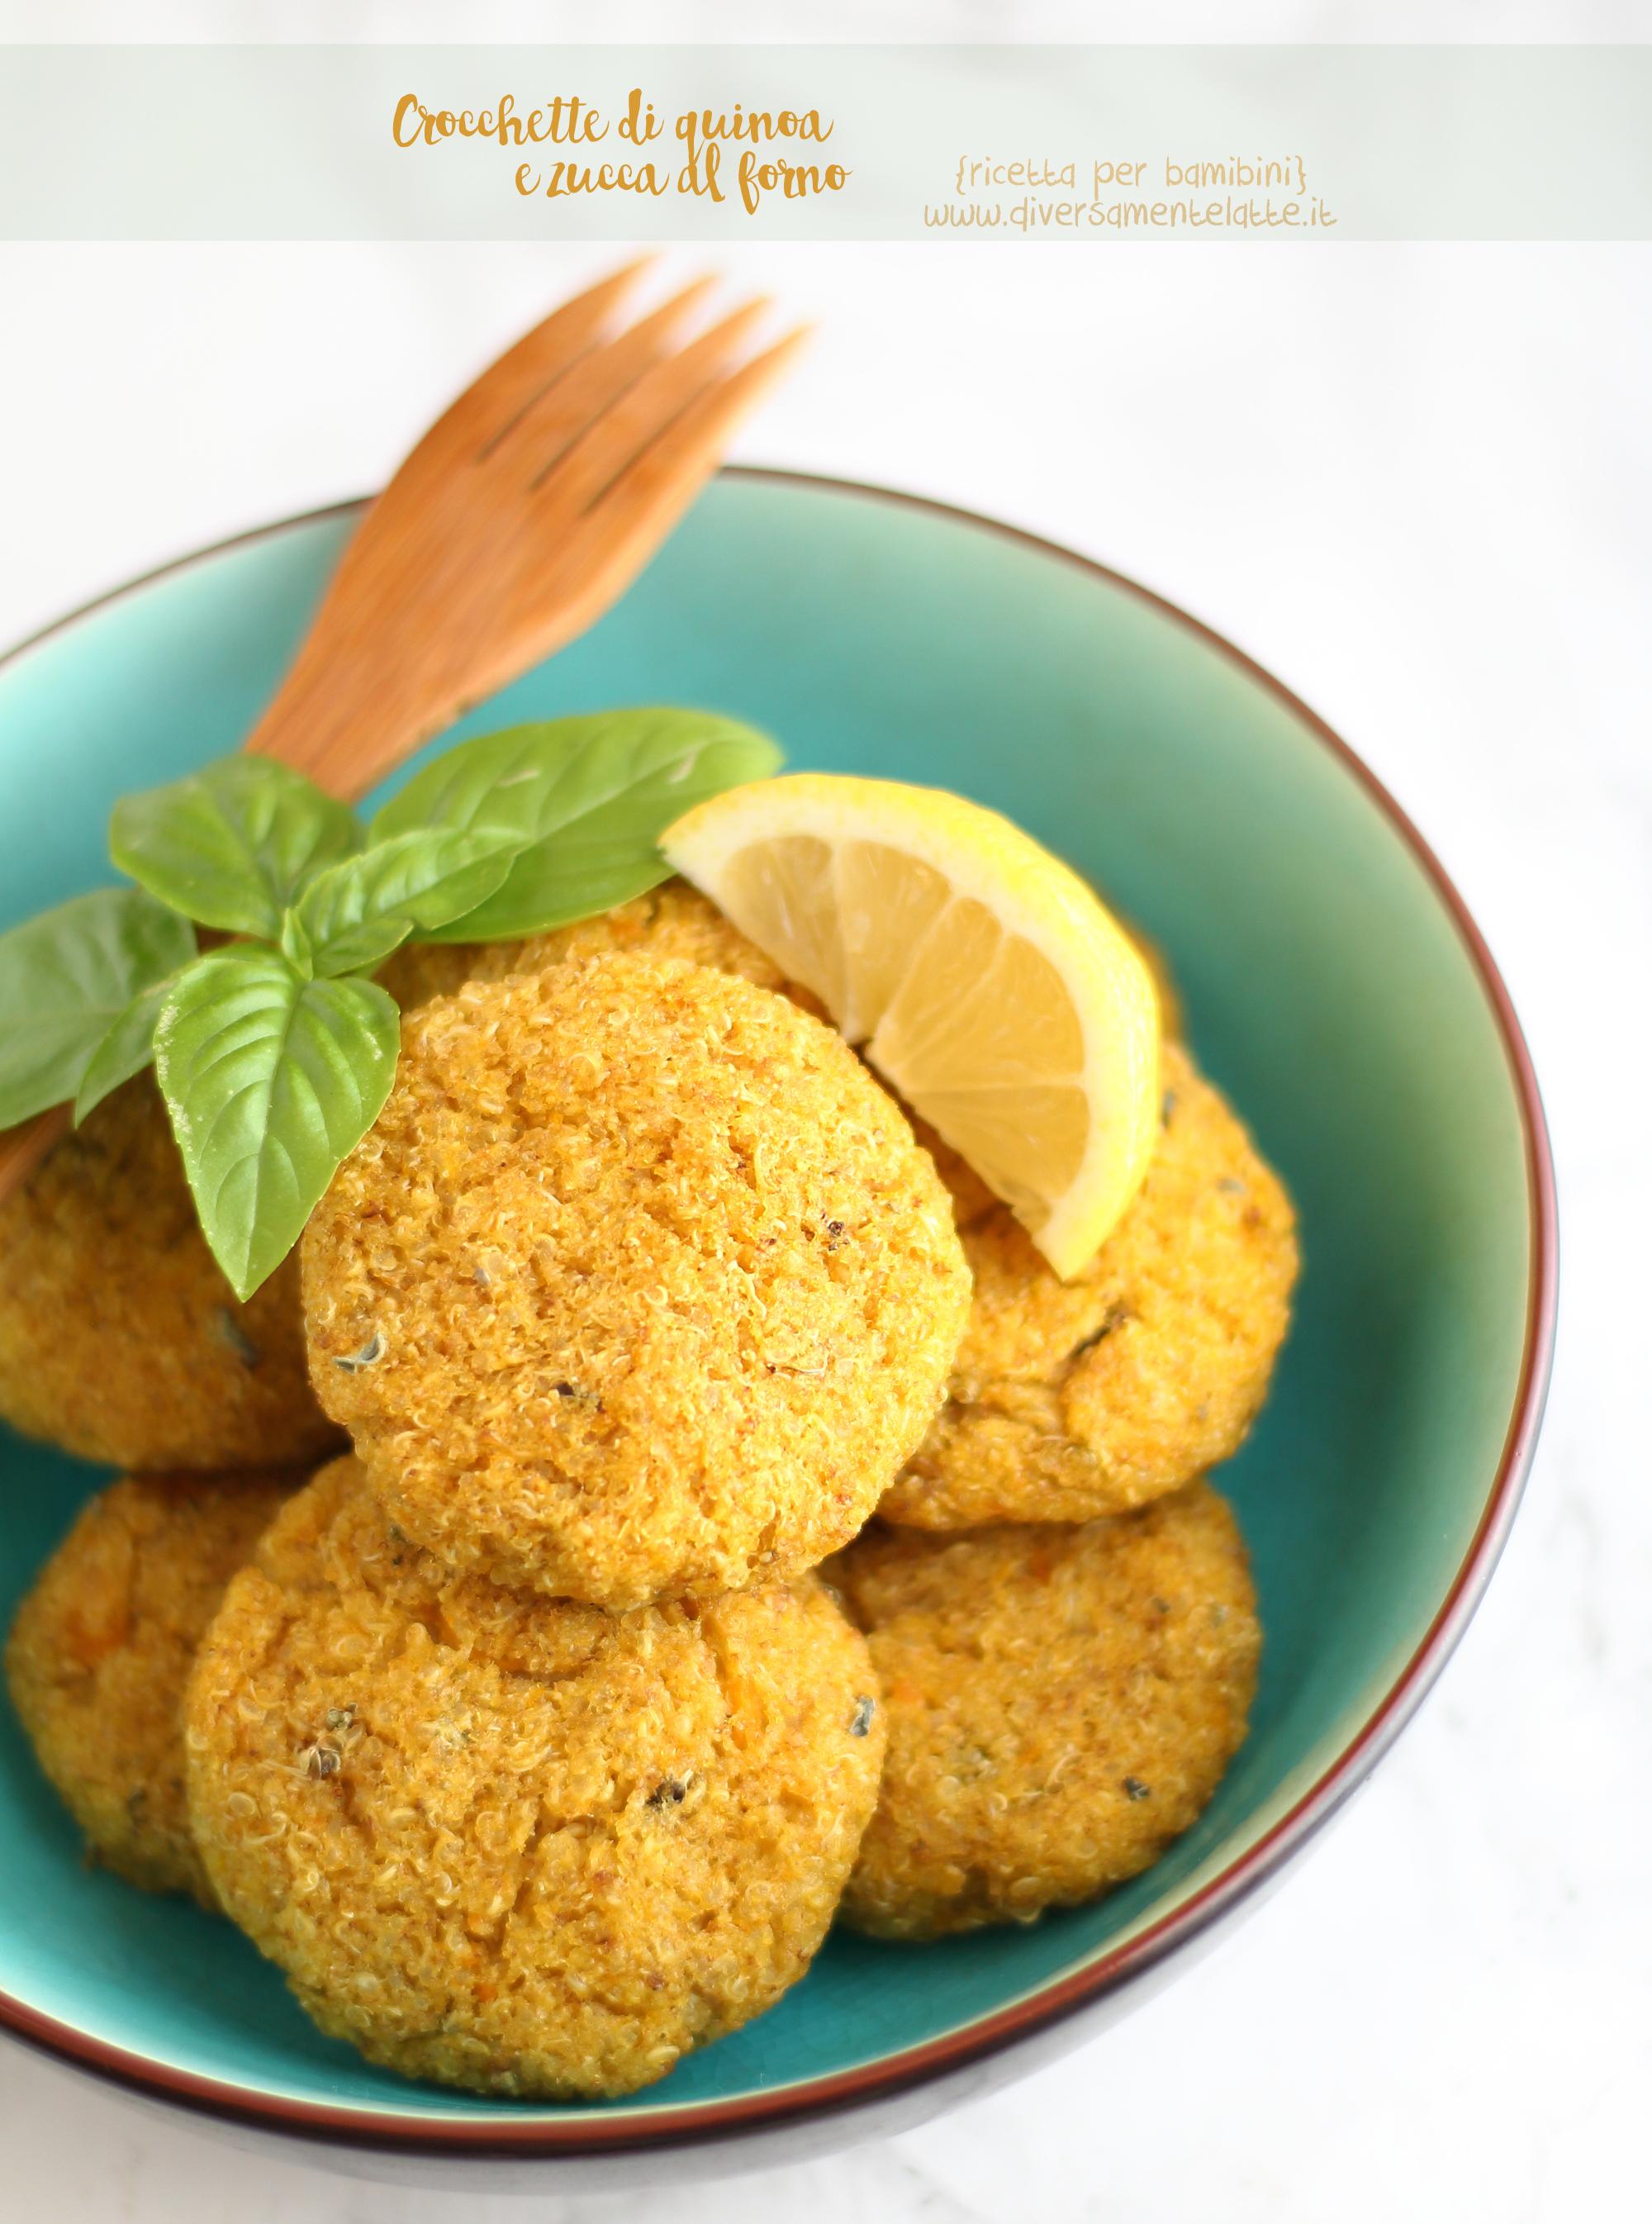 crocchette quinoa e zucca al forno